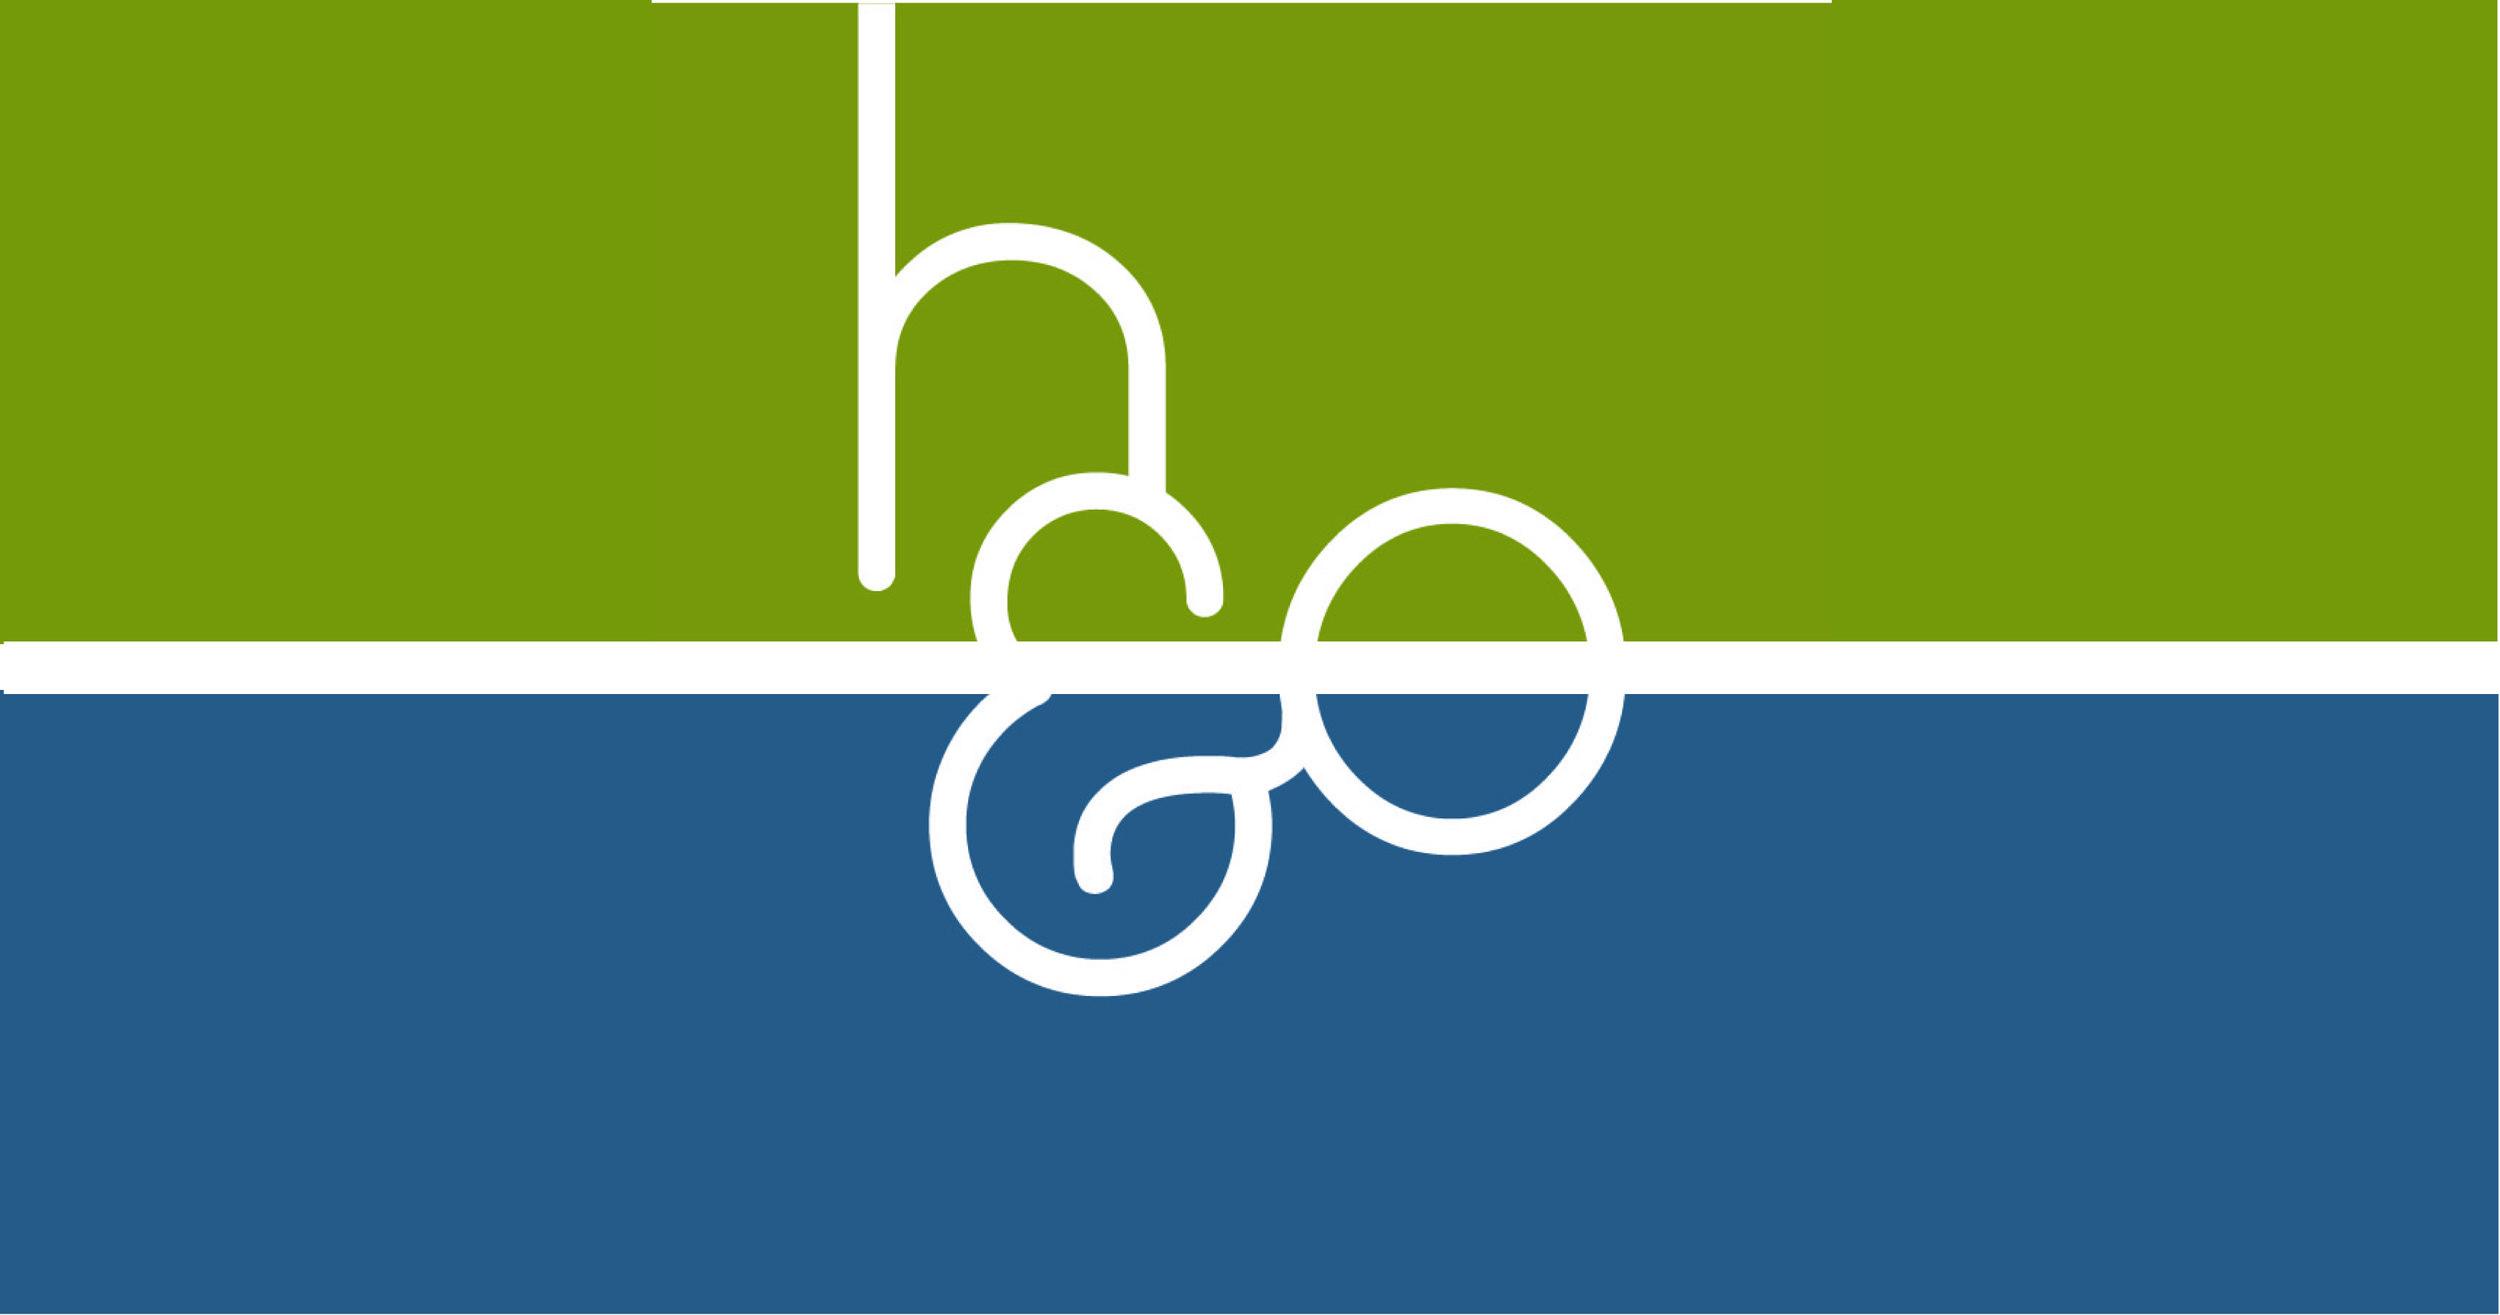 HO_01.jpg